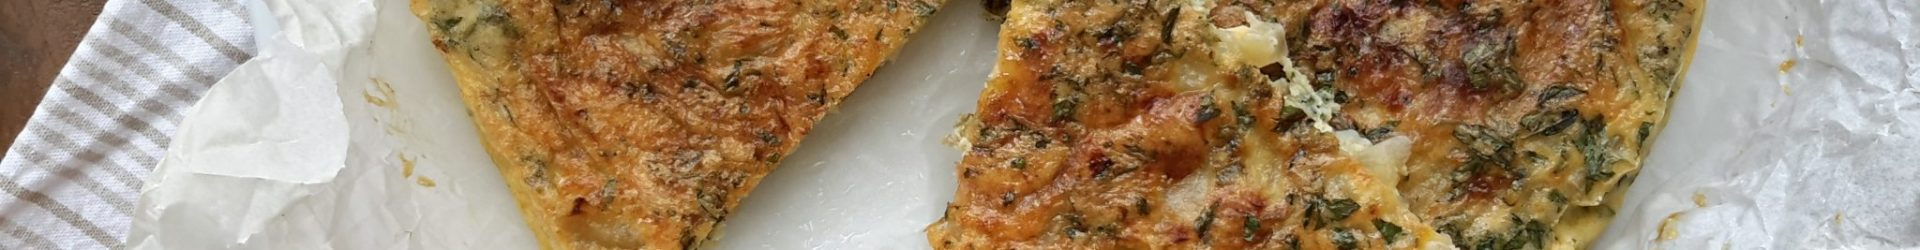 Frittata con patate, cipolle ed erbe (omelet met uien, aardappel en kruiden)